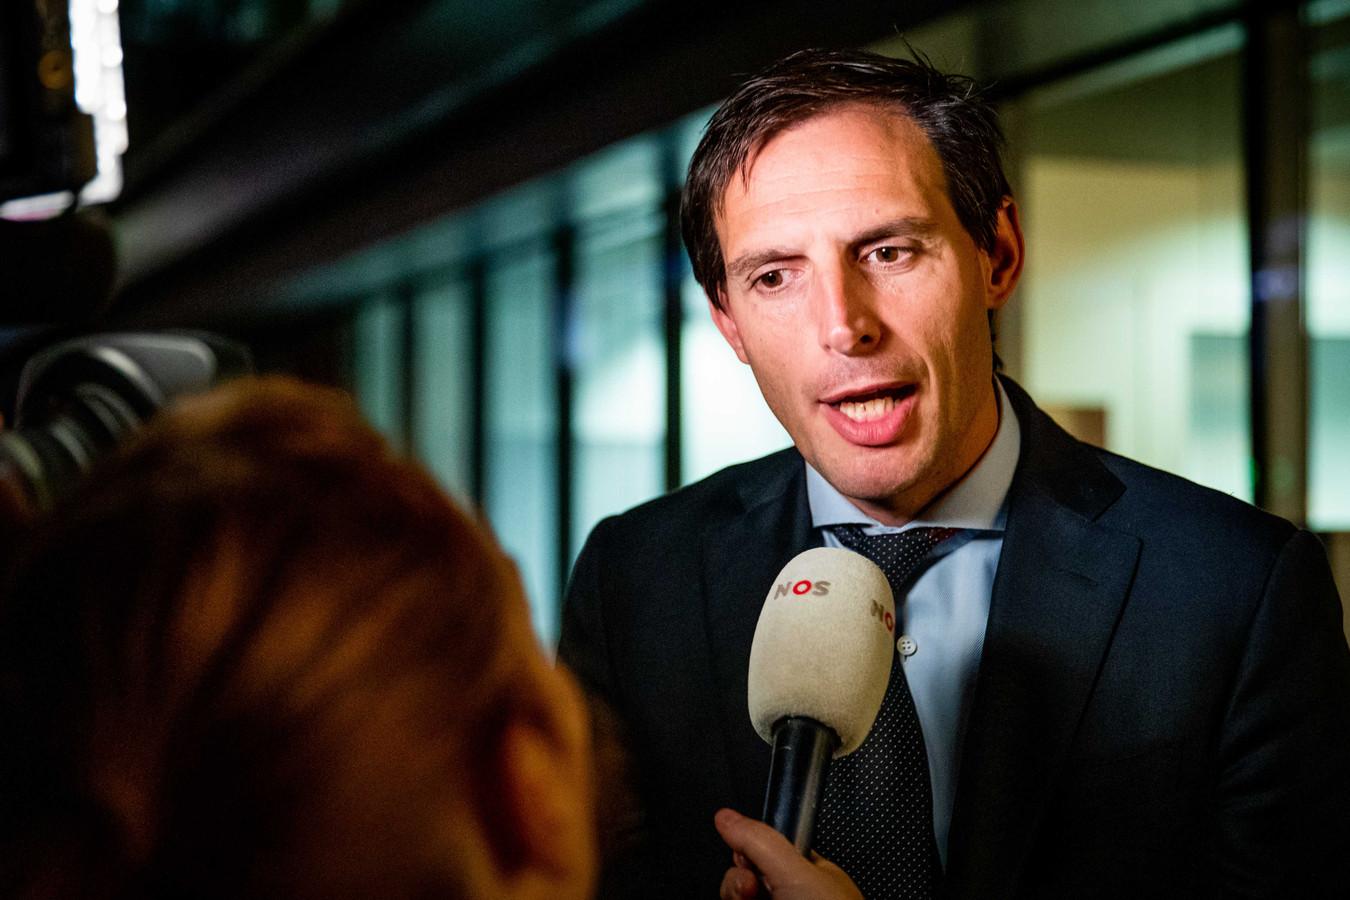 Minister van Financiën Wopke Hoekstra staat de media te woord na afloop van een overleg van de coalitiepartijen over de begroting voor volgend jaar.